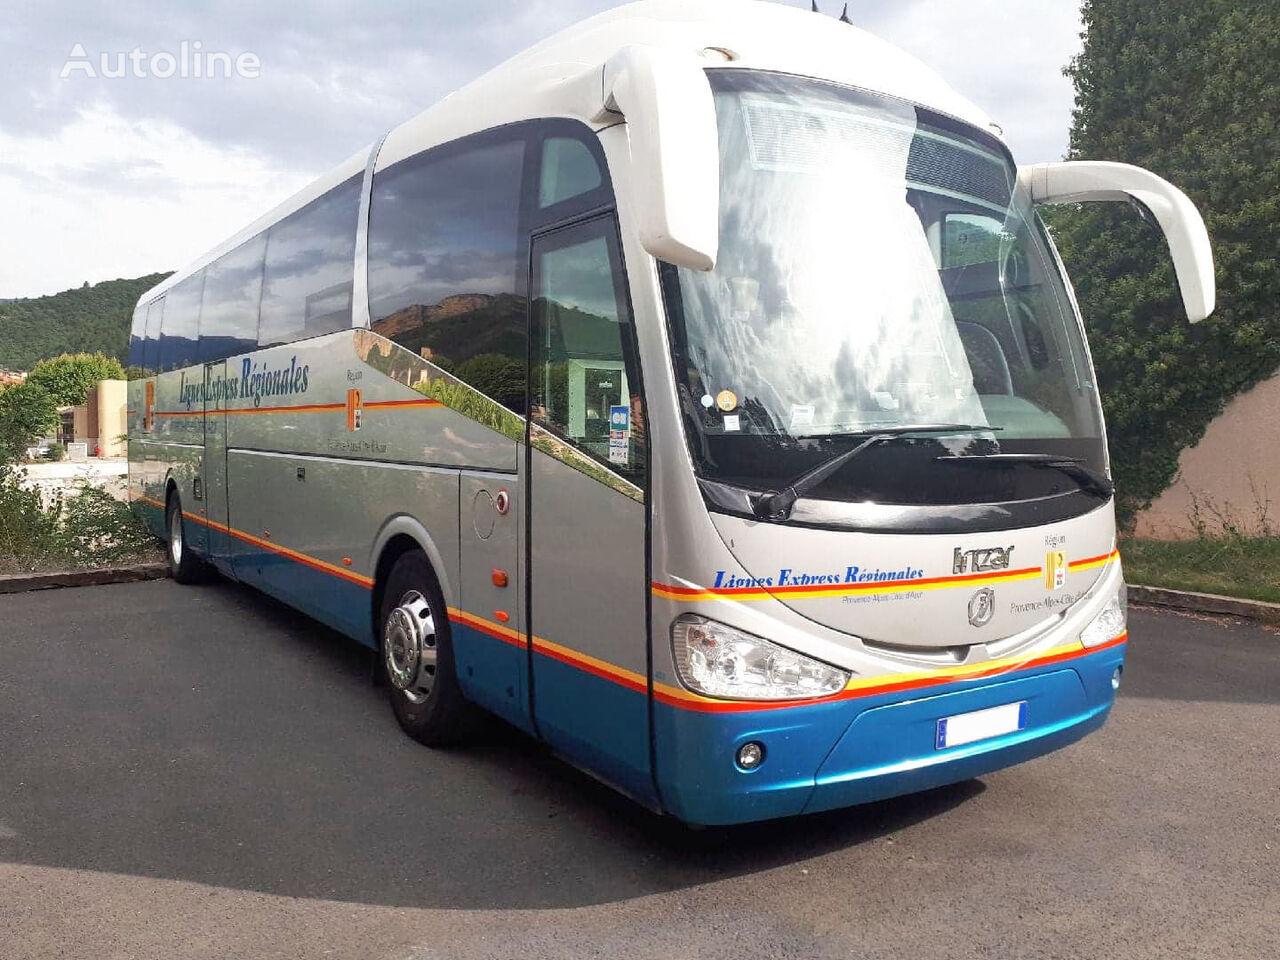 лучшие туристические автобусы фото ттх использовании